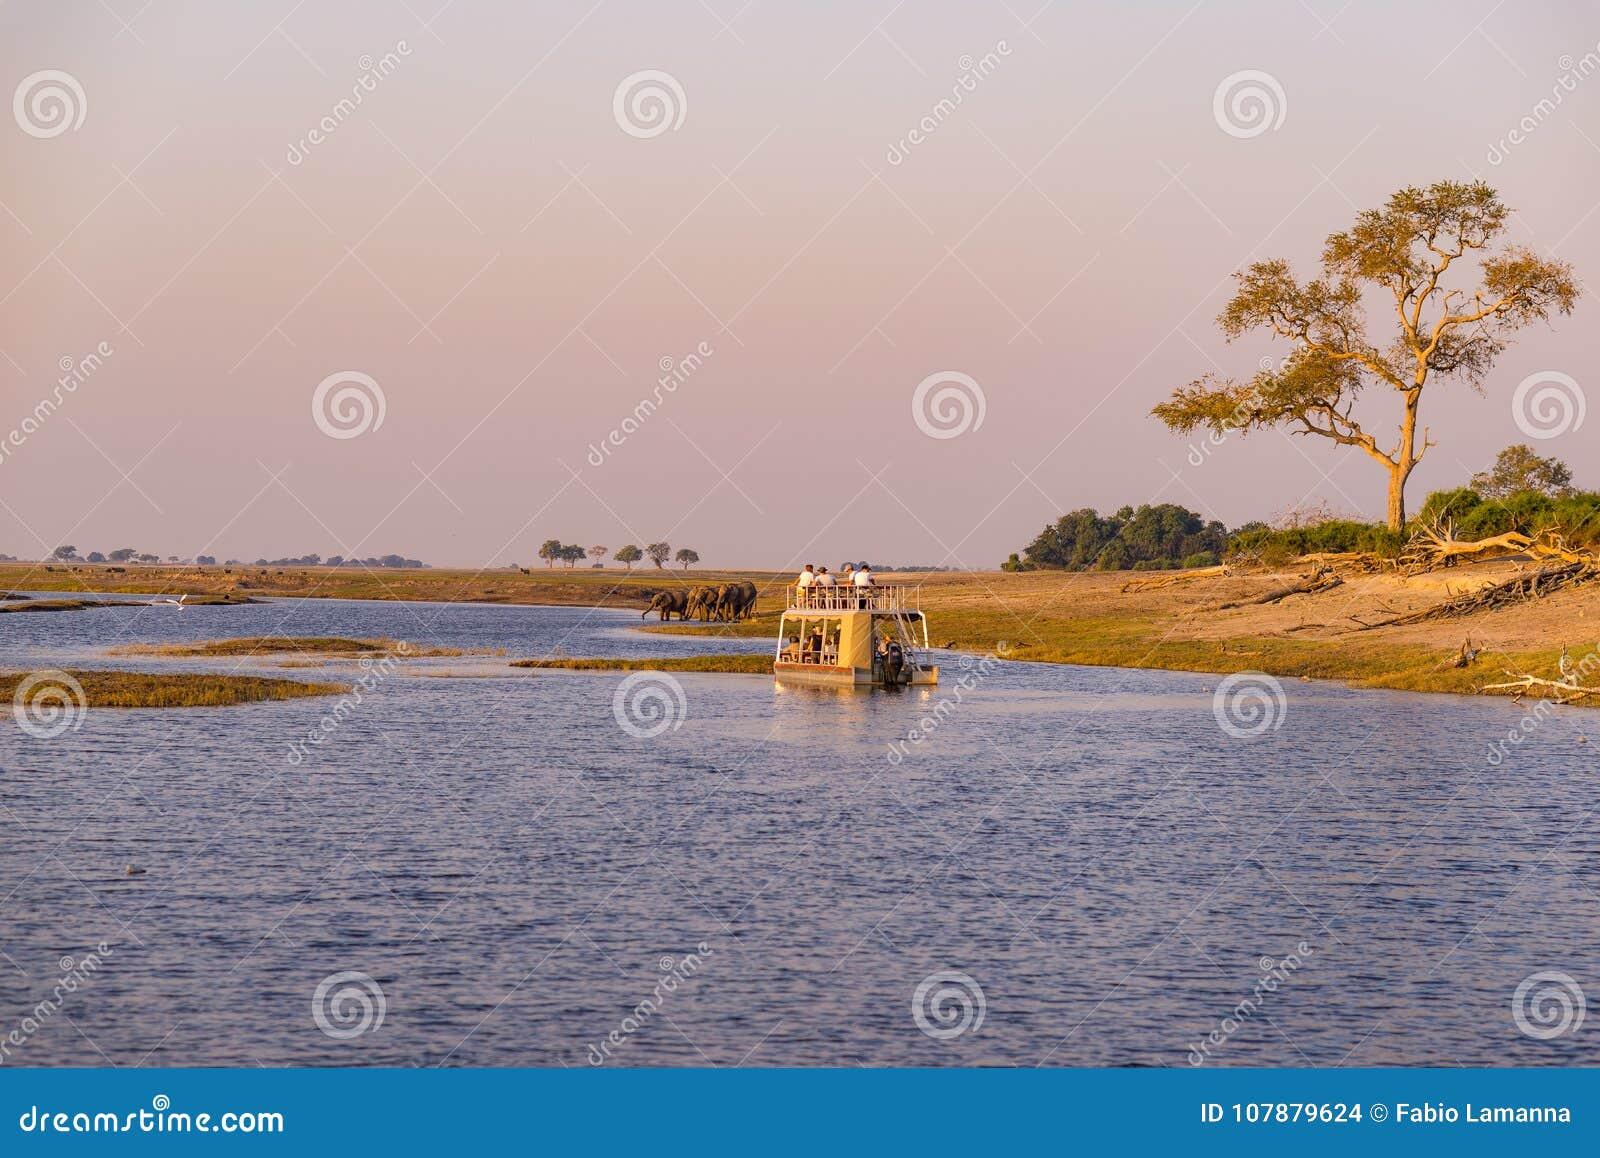 Travesía del barco y safari de la fauna en frontera del río de Chobe, Namibia Botswana, África Parque nacional de Chobe, reserva